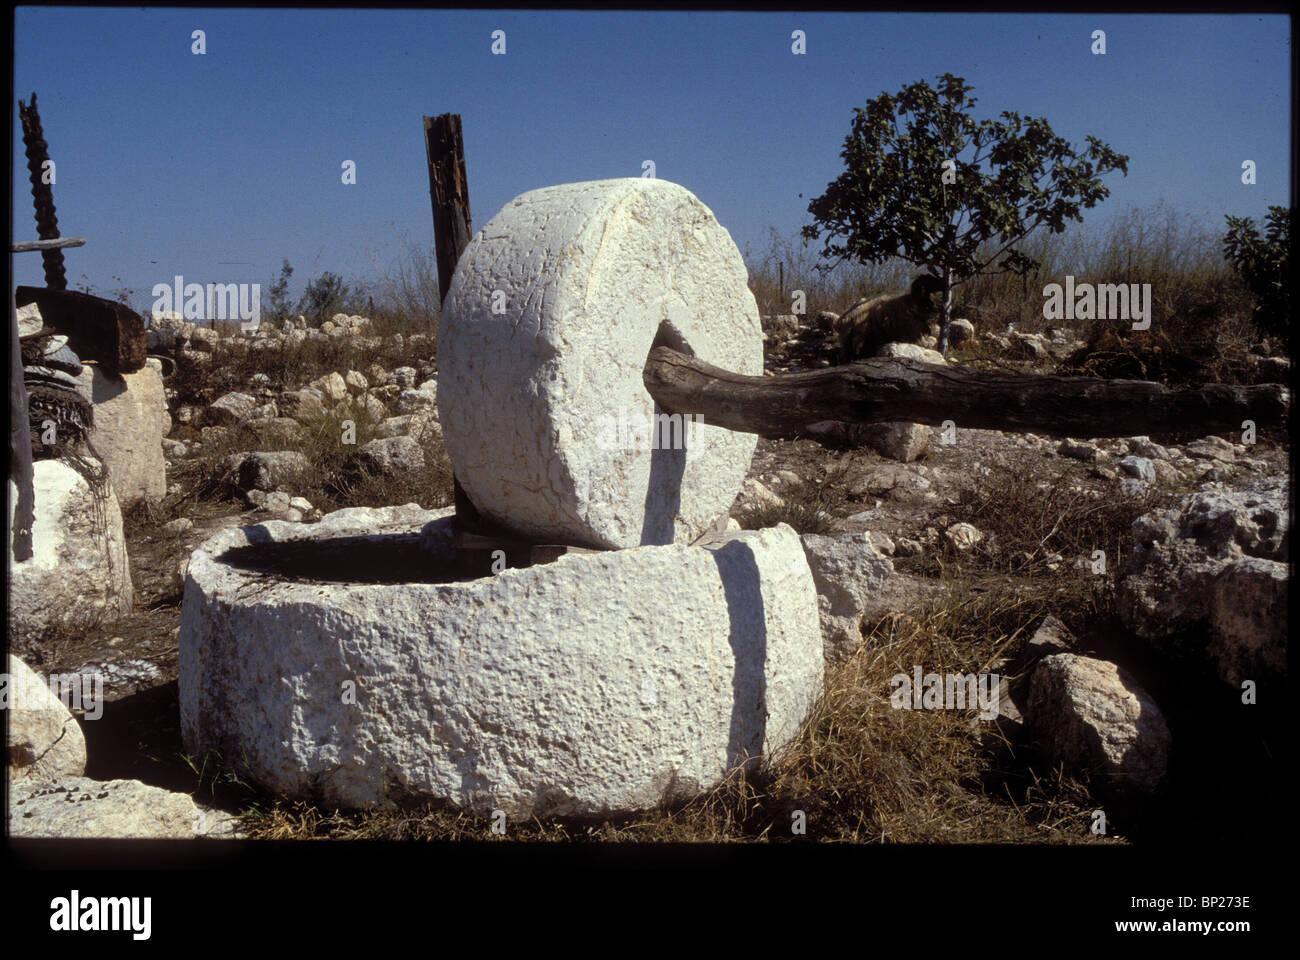 Olio di oliva premere. Le olive vengono poste in un bagno pietra sagomata INSTALATION POI IL molto pesante pietra Immagini Stock